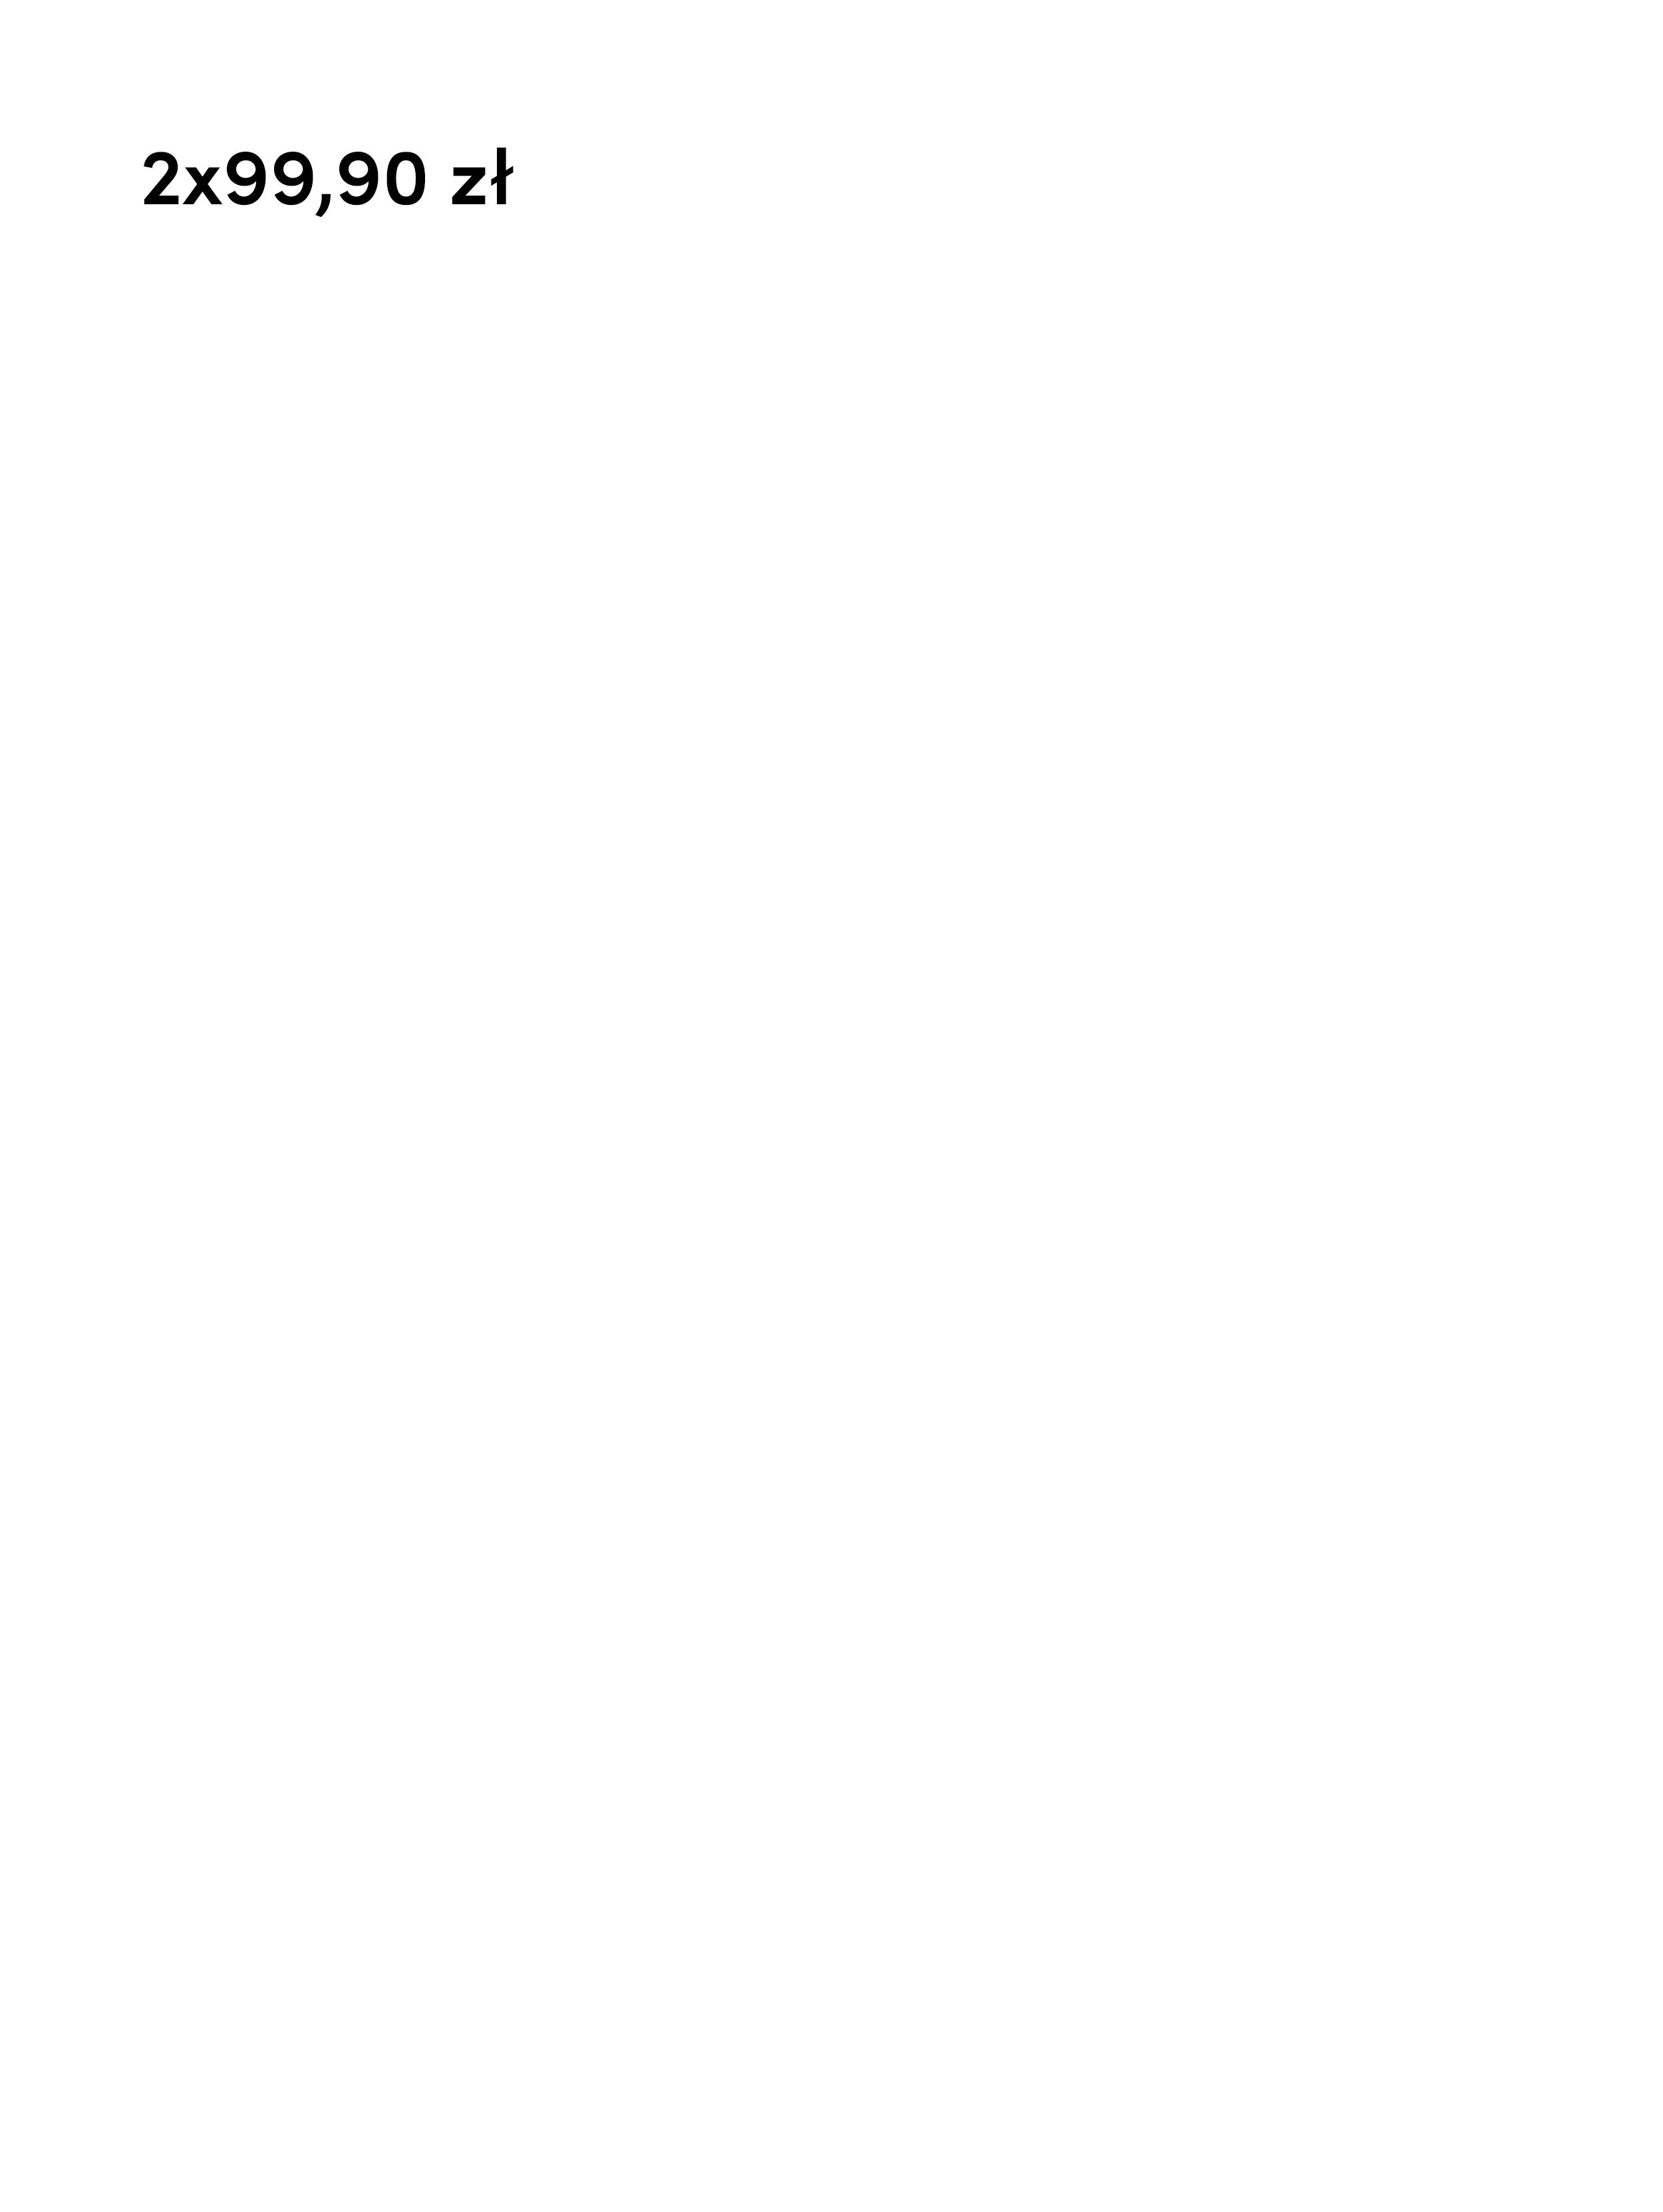 PL_2x99,90